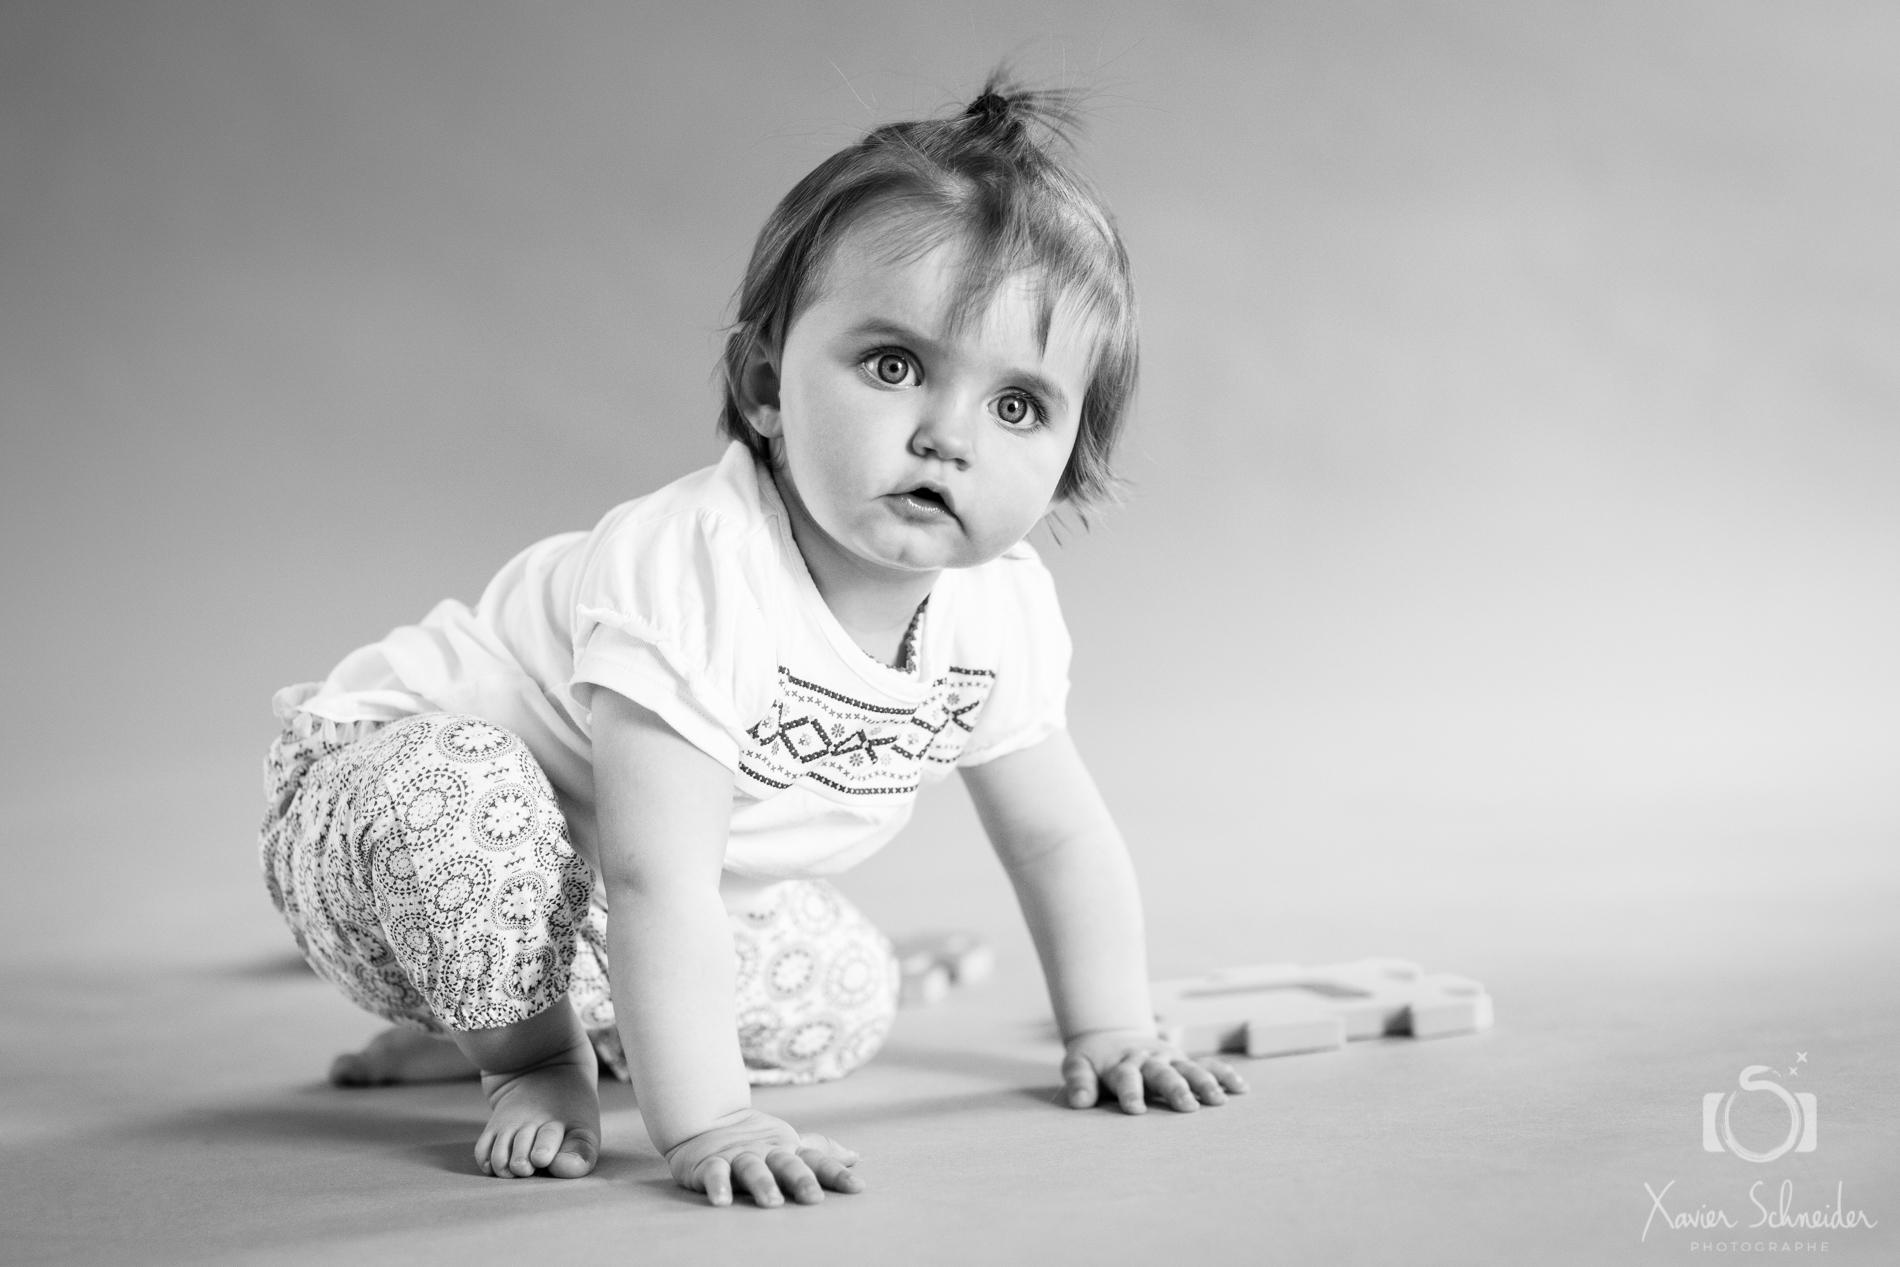 photographie noir et blanc bébé